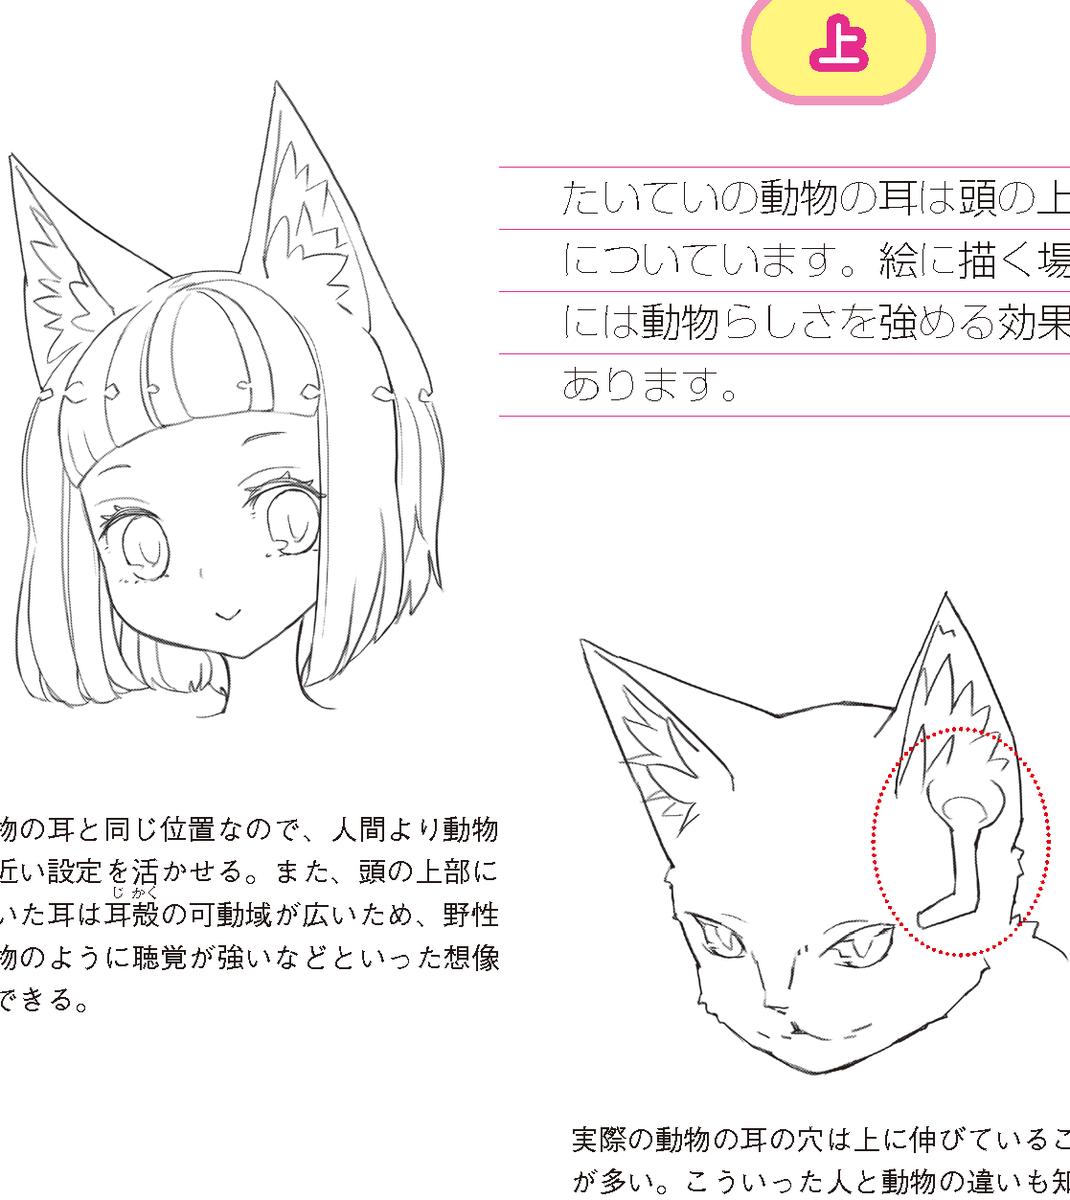 なんばさん At レミック編集 On Twitter 8月29日発売 ケモミミの